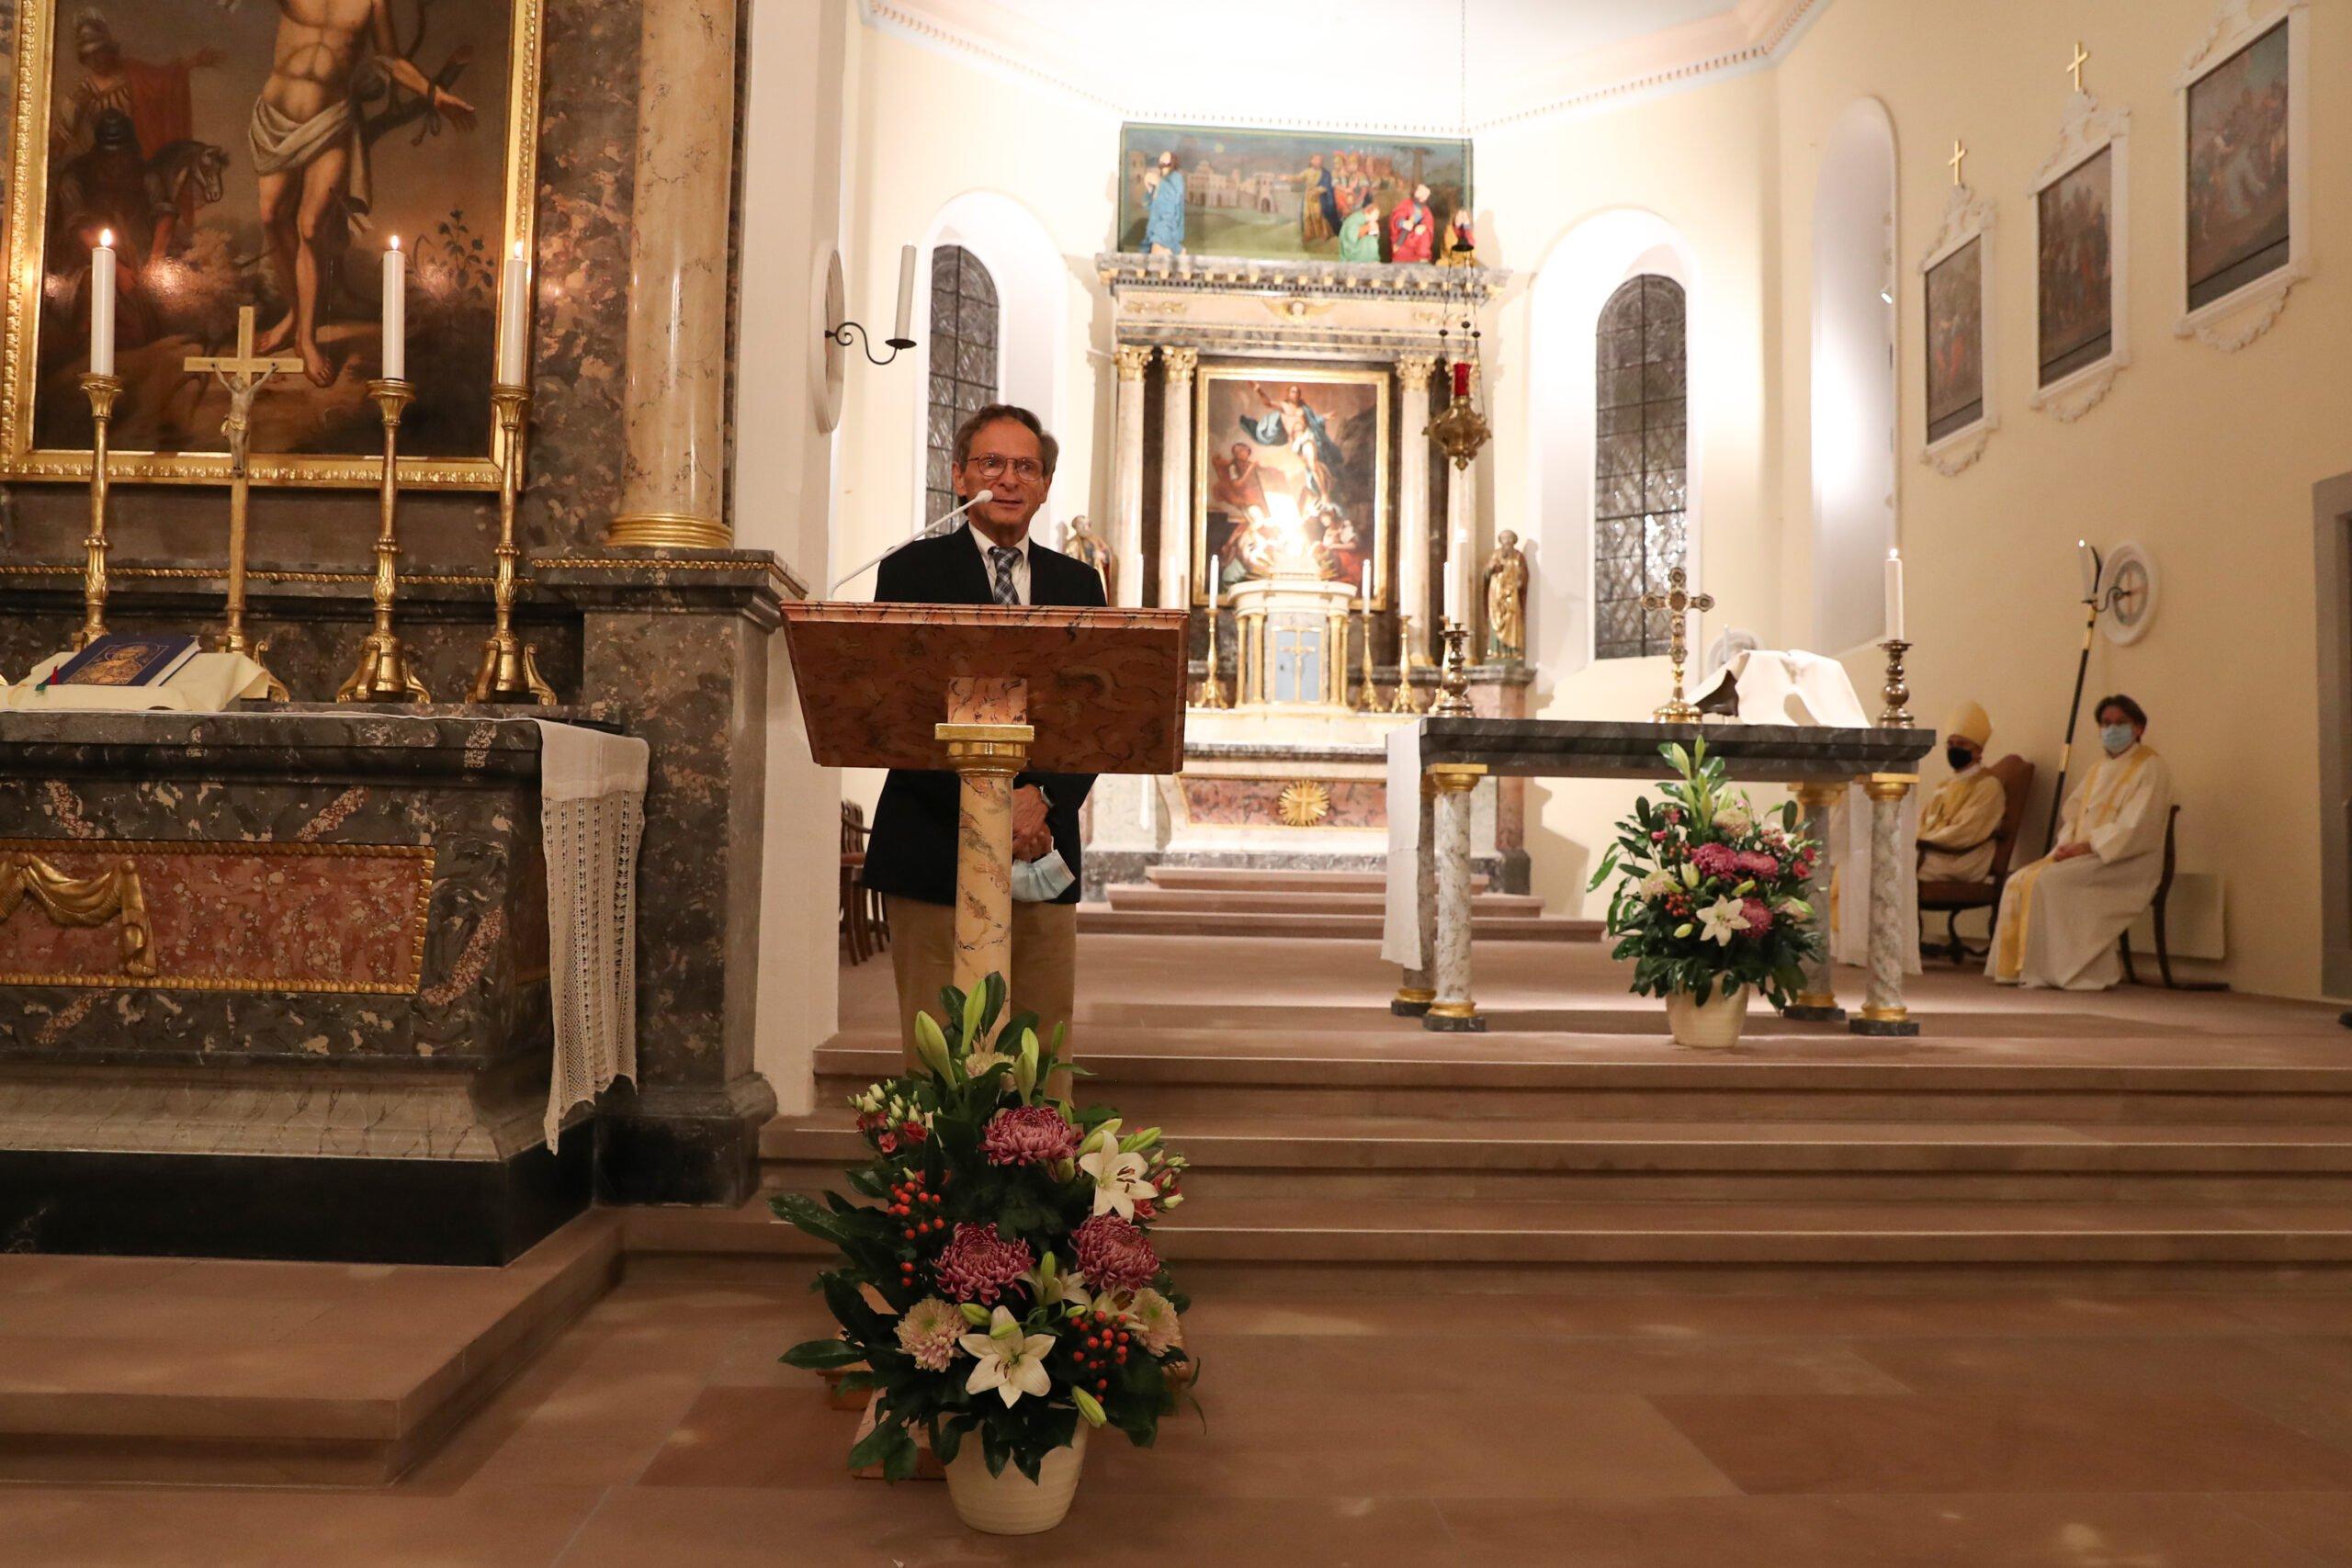 Kirchenrestauration 2020 Alte Dorfkirche St. Peter & Paul in Allschwil - Wiedereinweihung 21.&22.11.2020 - Kirchgemeindepräsident Dr. Reno Frey